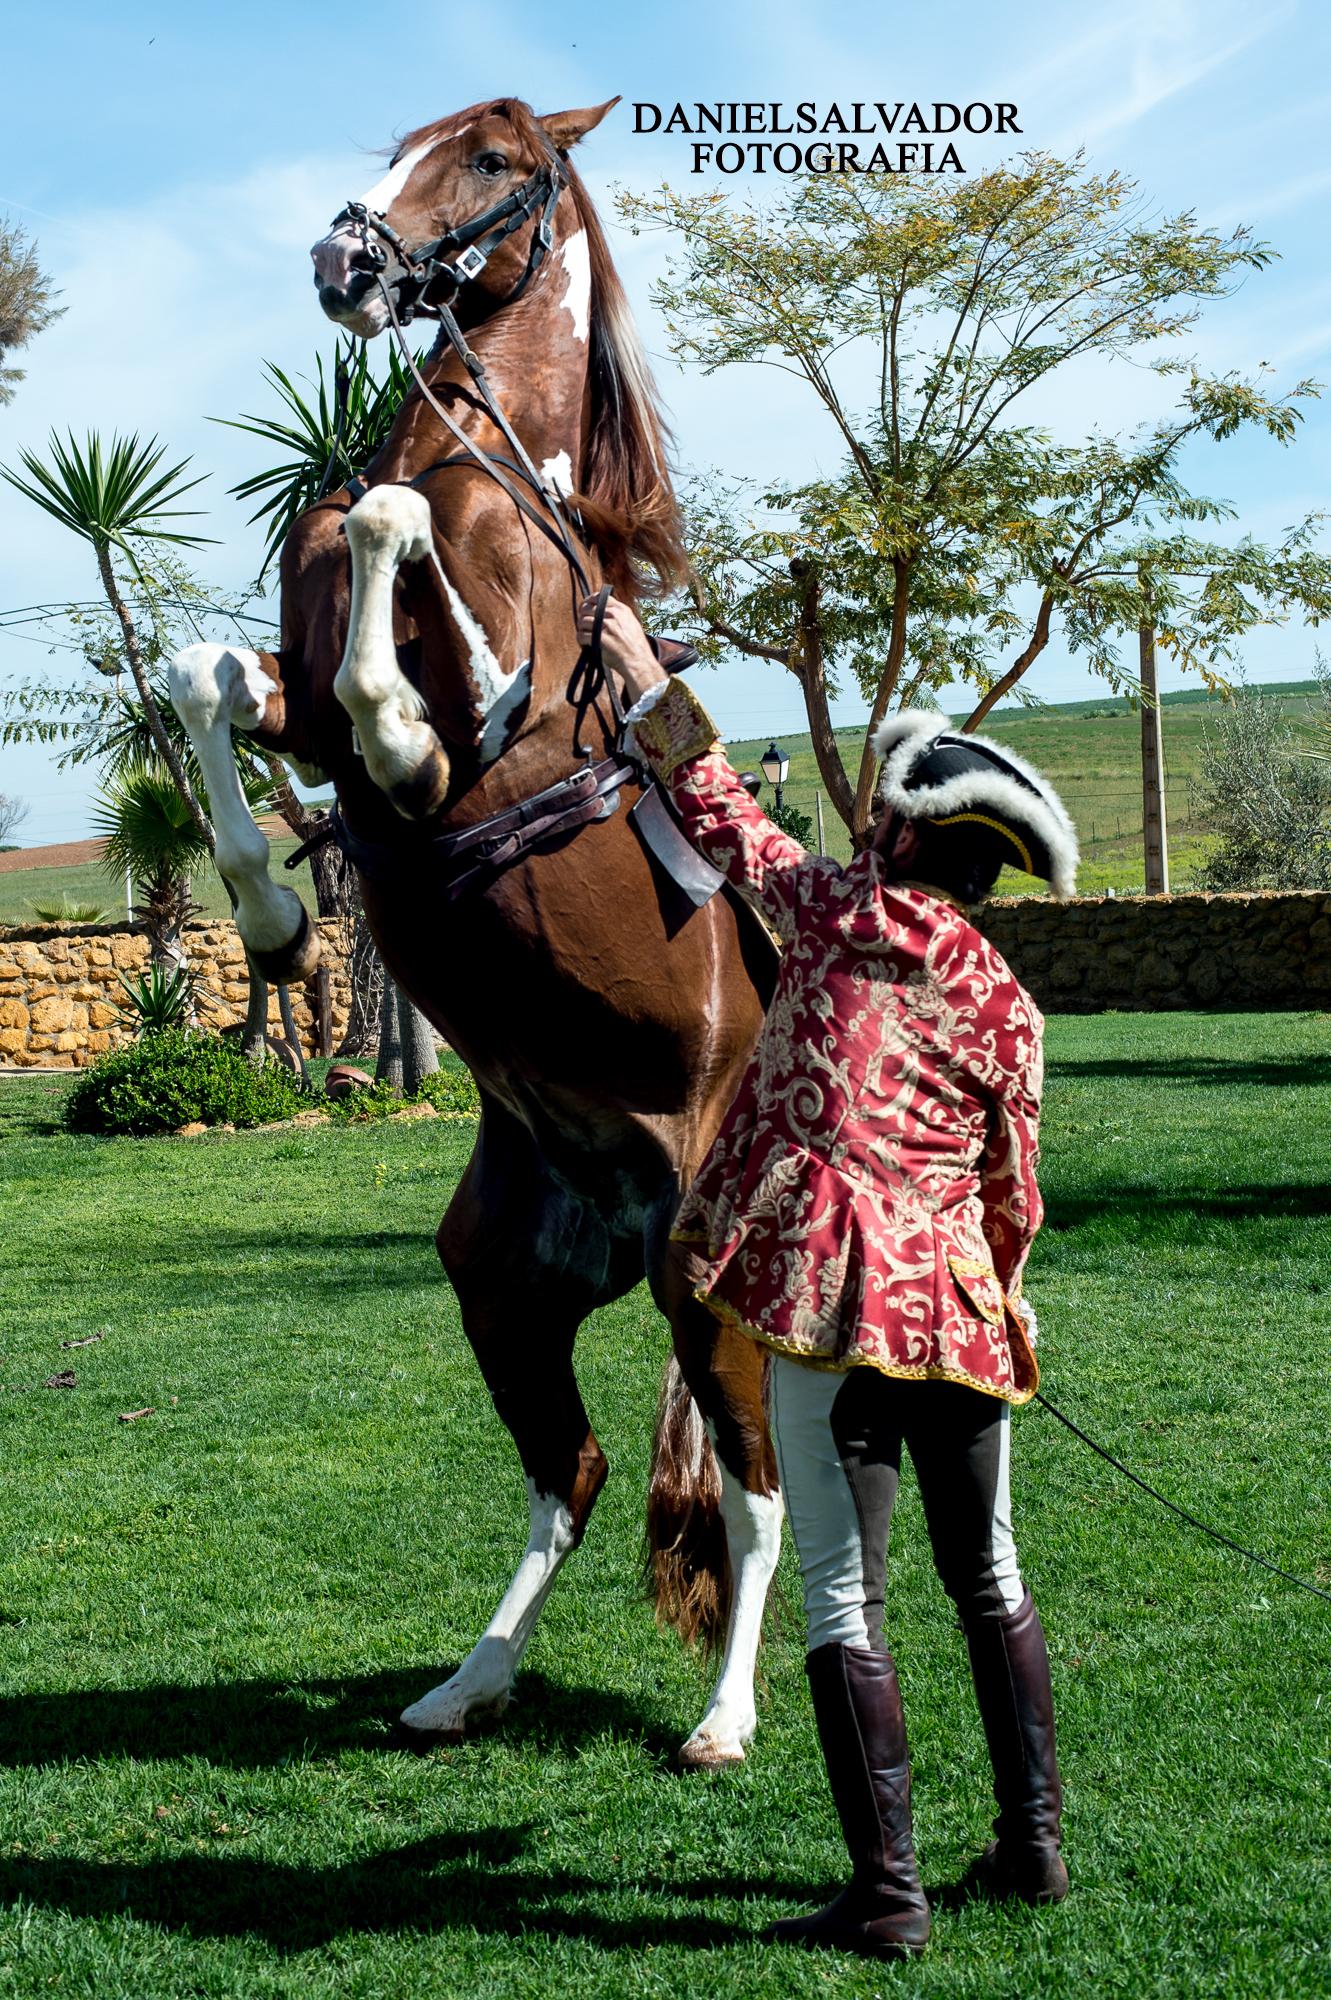 caballos-338